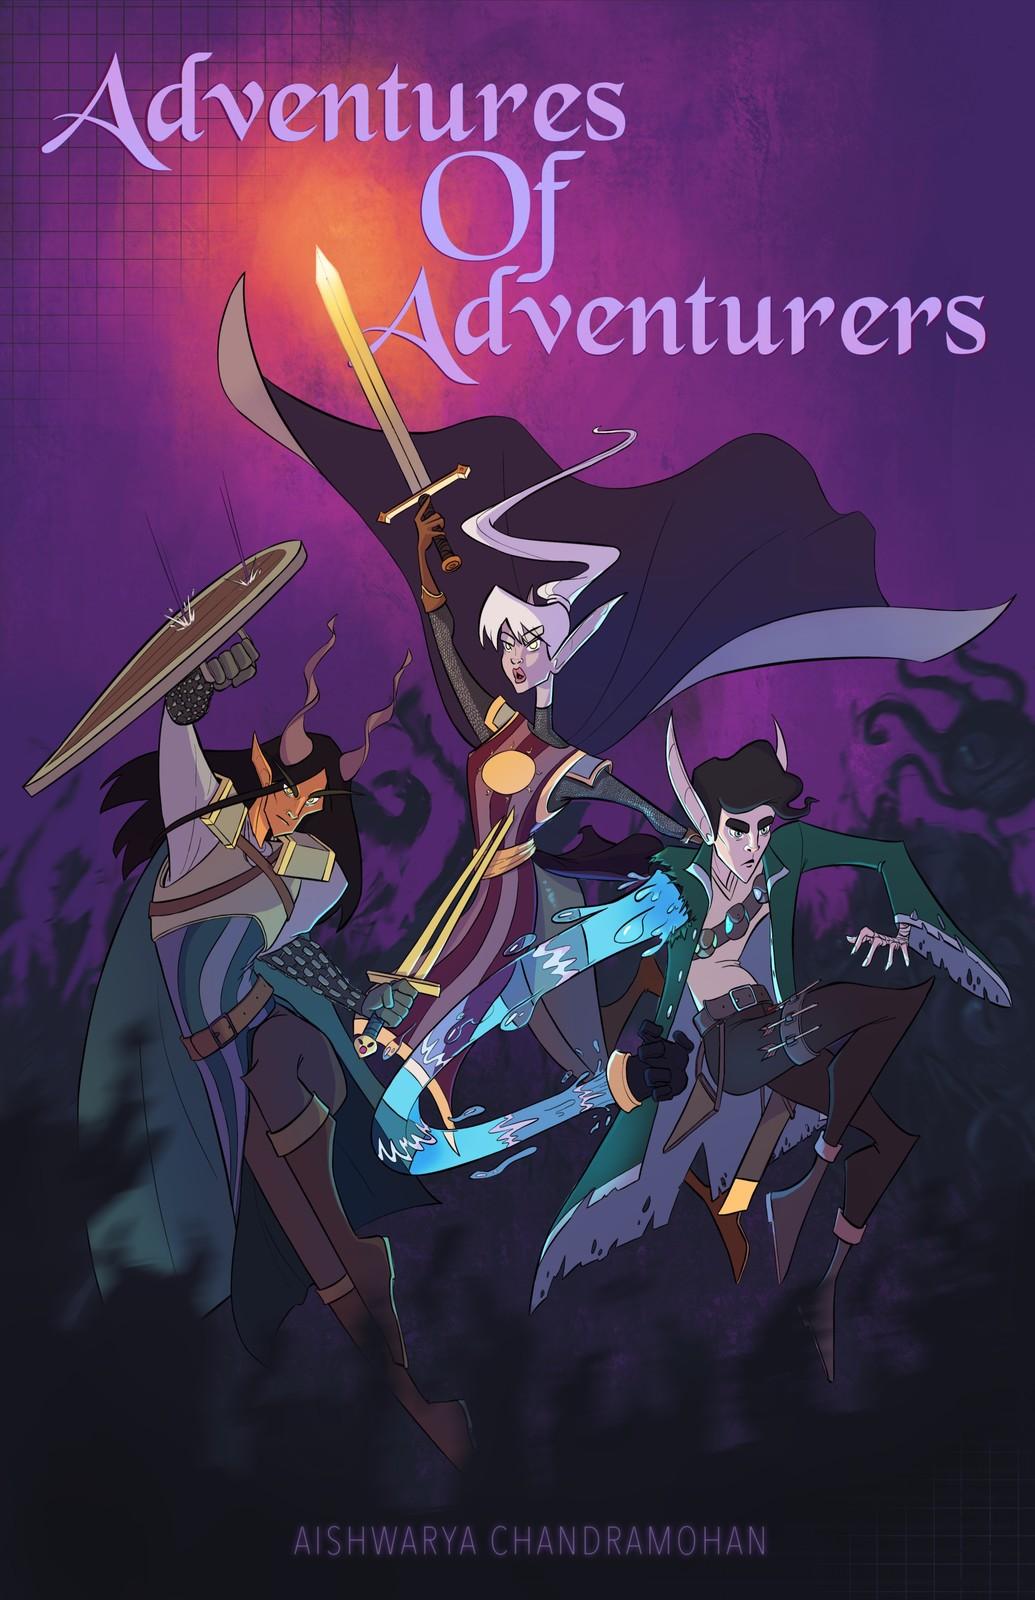 Adventures of Adventurers